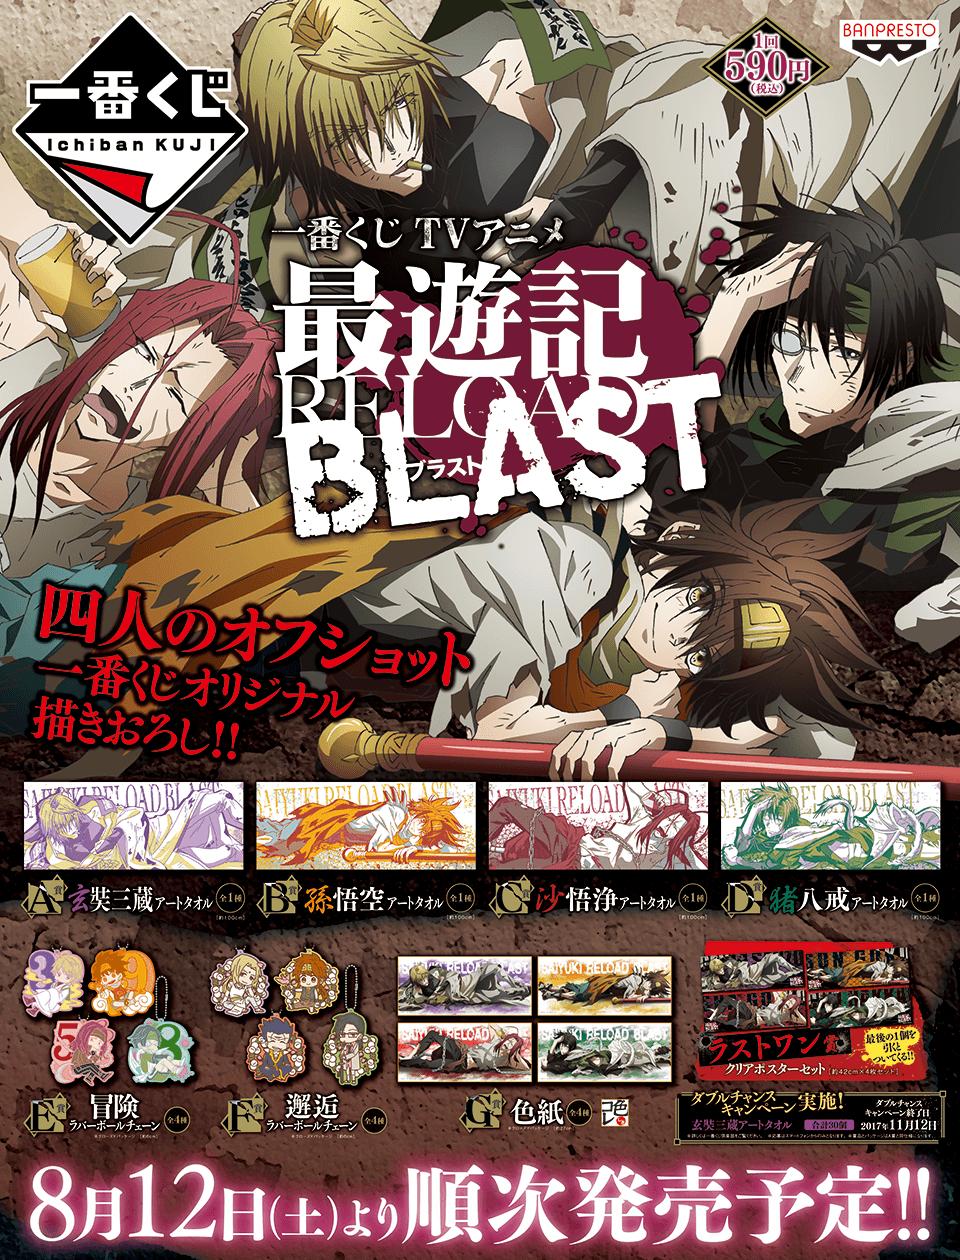 タイトーステーションで買える! 一番くじ TVアニメ「最遊記RELOAD BLAST」が8月12日(土)より順次発売予定!